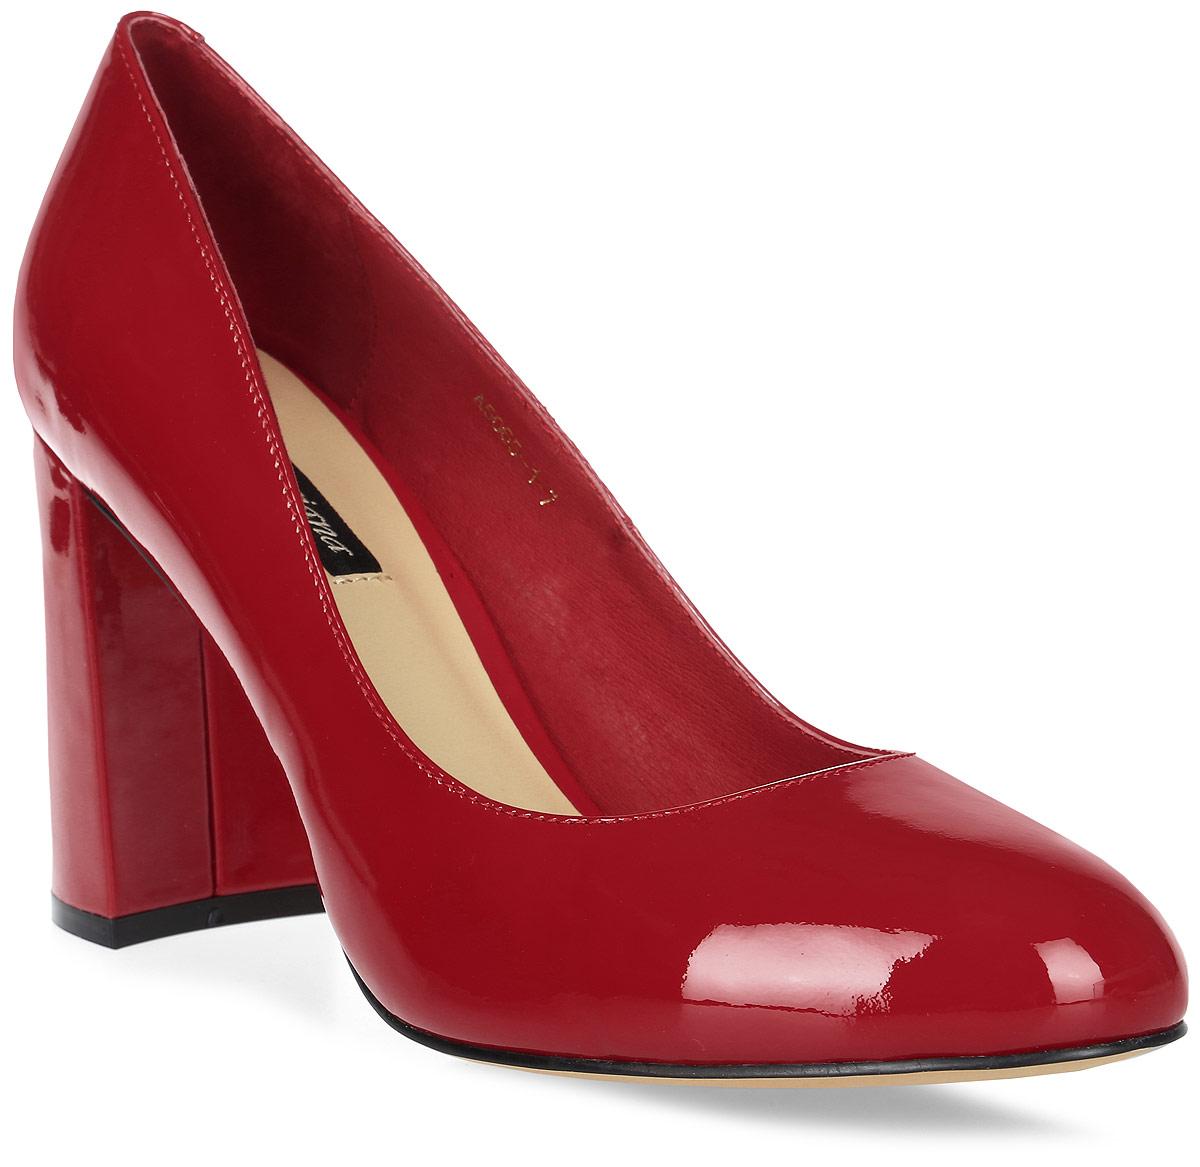 Туфли женские Graciana, цвет: красный. A5065-1-7. Размер 36A5065-1-7Женские туфли от Graciana на широком каблуке выполнены из натуральной лаковой кожи. Подкладка, изготовленная из натуральной кожи, обладает хорошей влаговпитываемостью и естественной воздухопроницаемостью. Стелька из натуральной кожи гарантирует комфорт и удобство стопам. Подошва из тунита износоустойчива и обеспечивает хорошее сцепление с поверхностью.